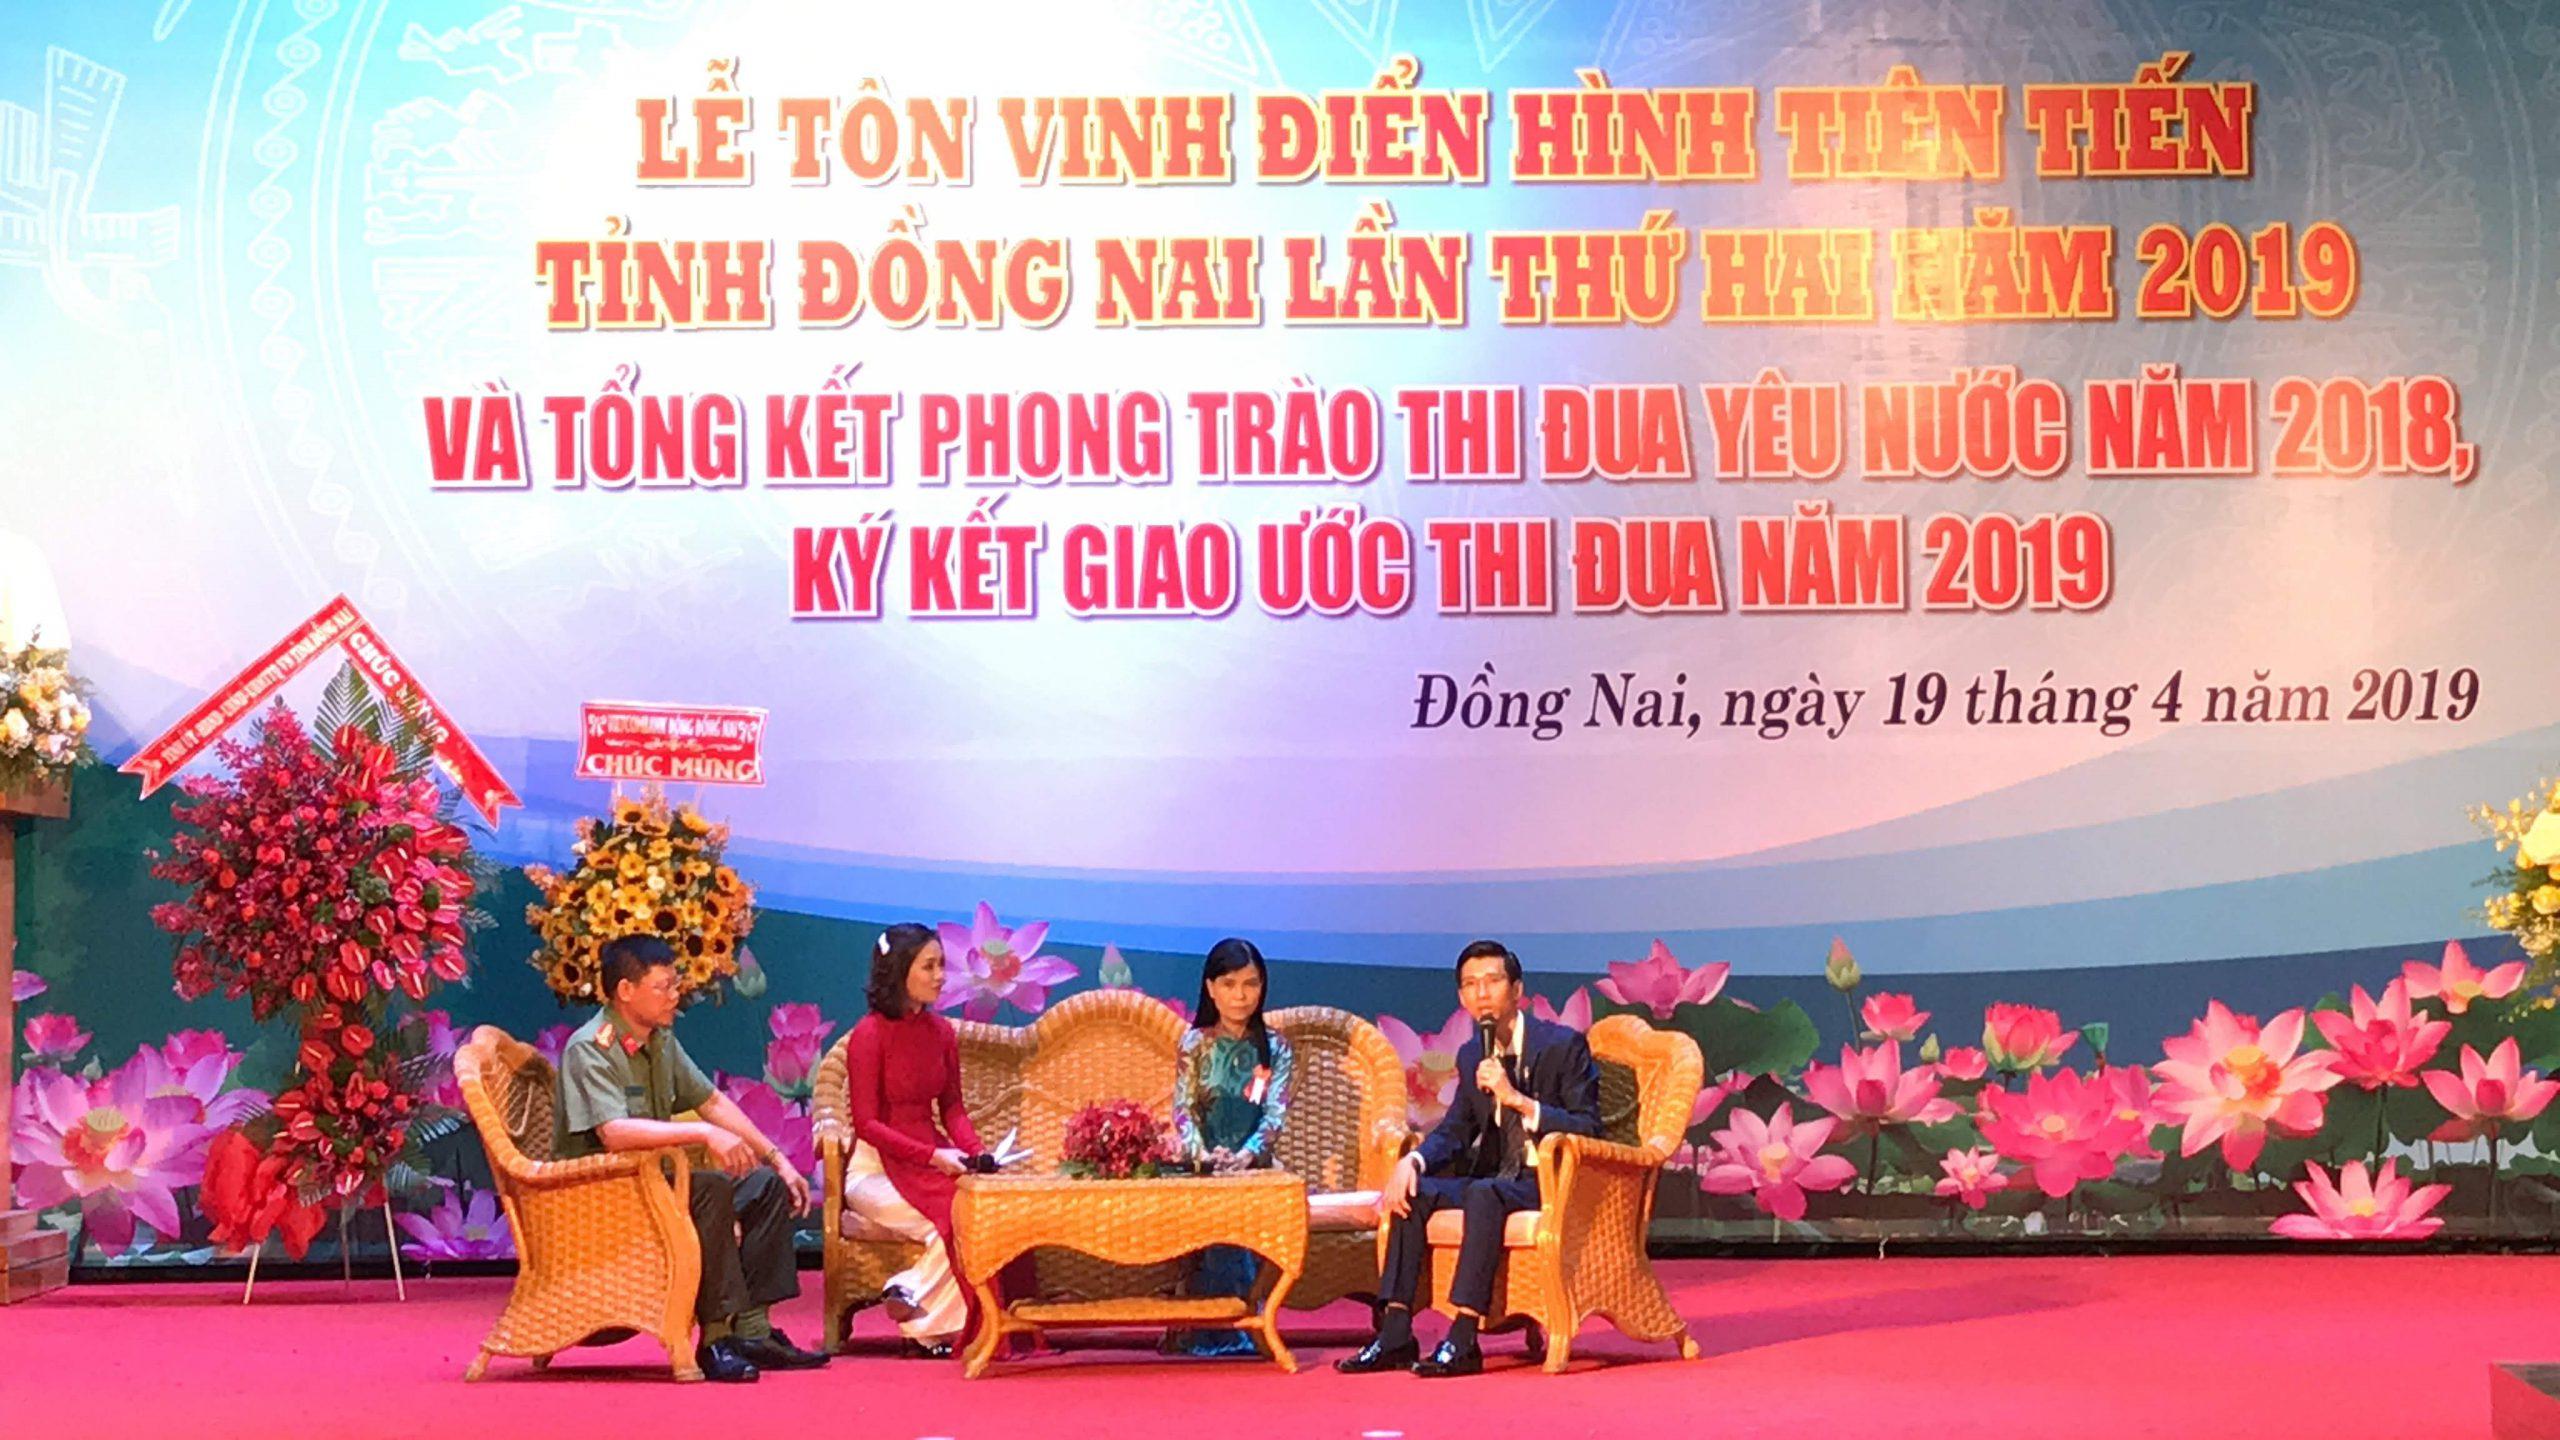 giam doc nguyen ngoc ha vinatrends nhan bang khen ca nhan dien hinh nam 2018 tinh dong nai 8 scaled CEO Nguyễn Hà được tuyên dương điển hình tiên tiến tỉnh Đồng Nai năm 2019